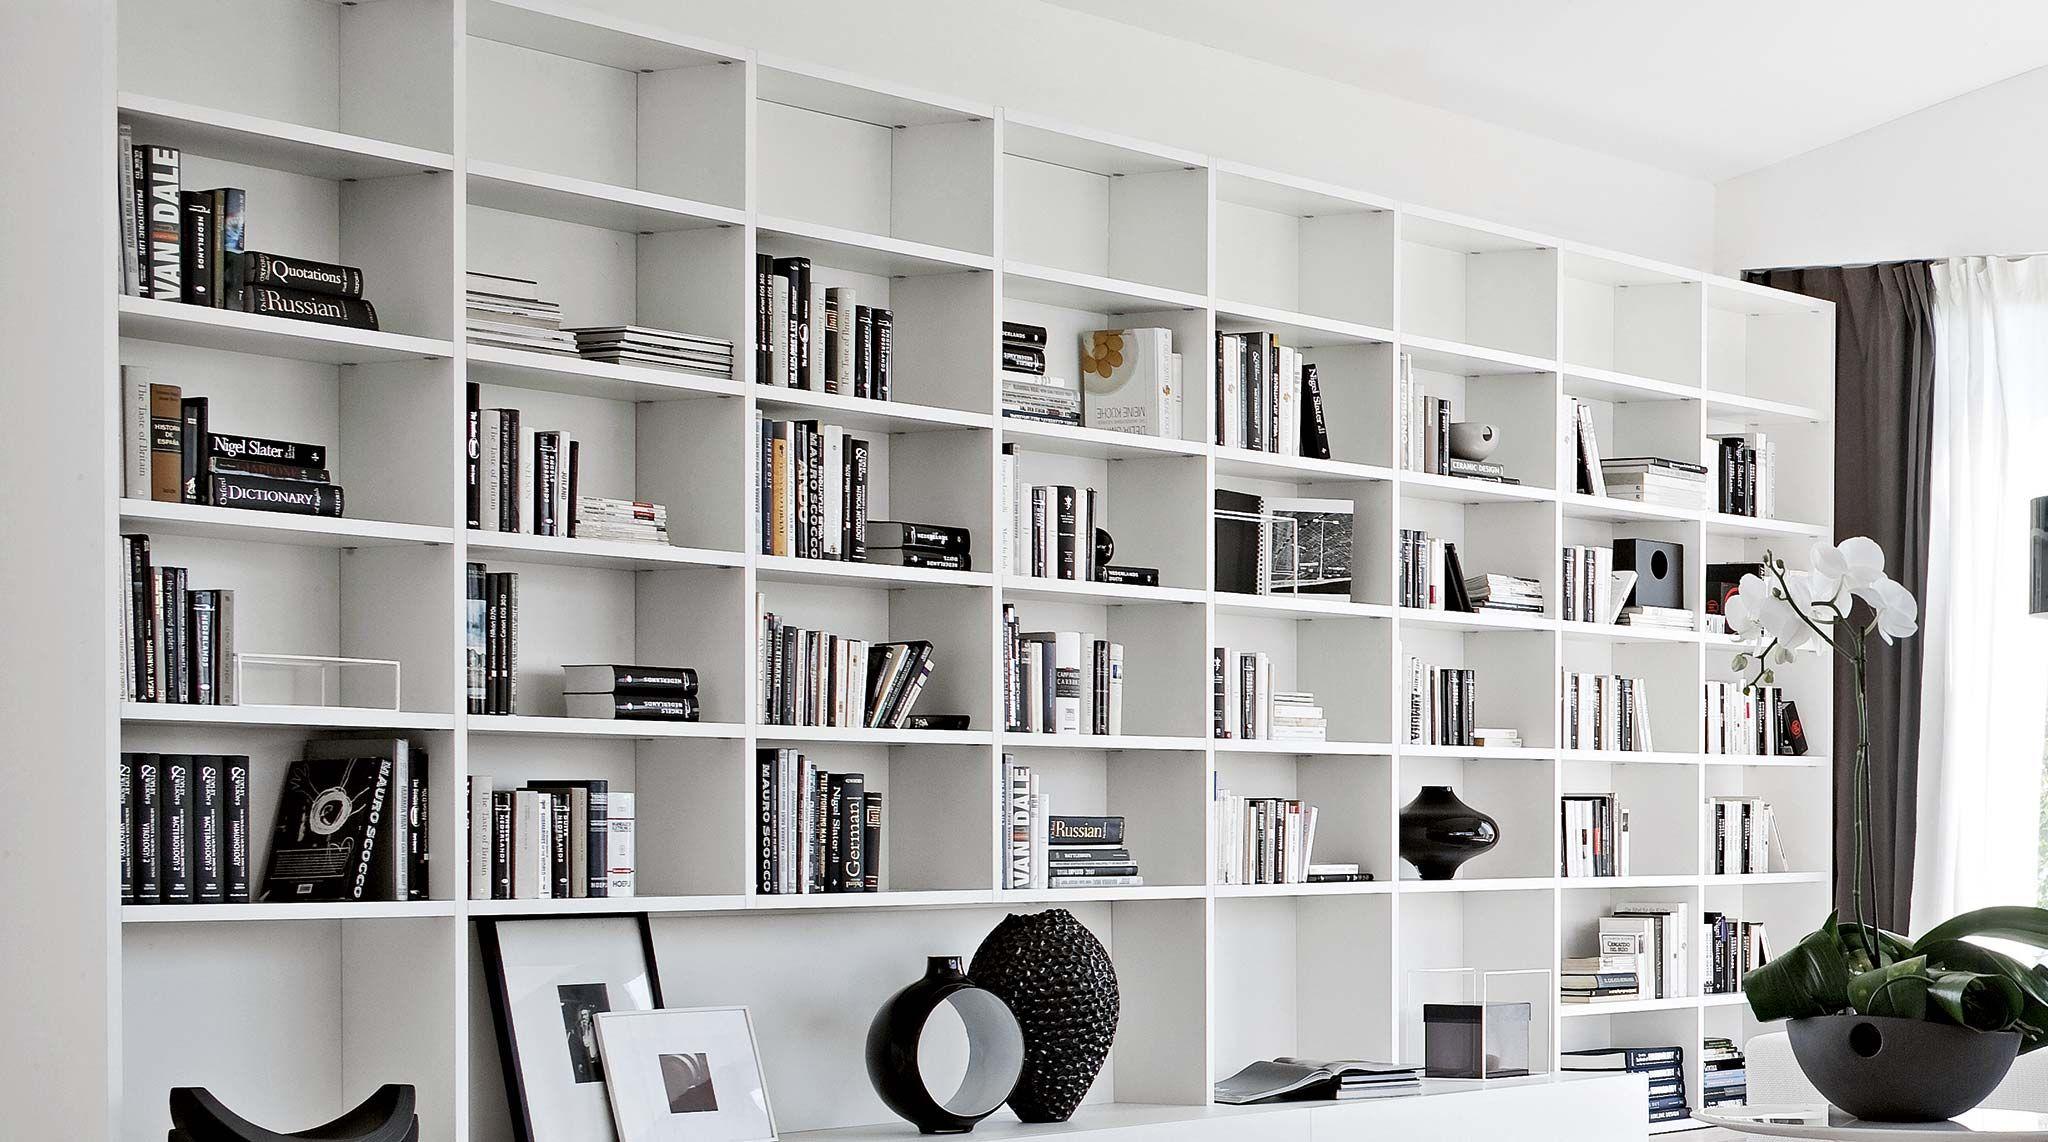 Libreria componibile a parete su misura Artik | Home Ideas | Home ...